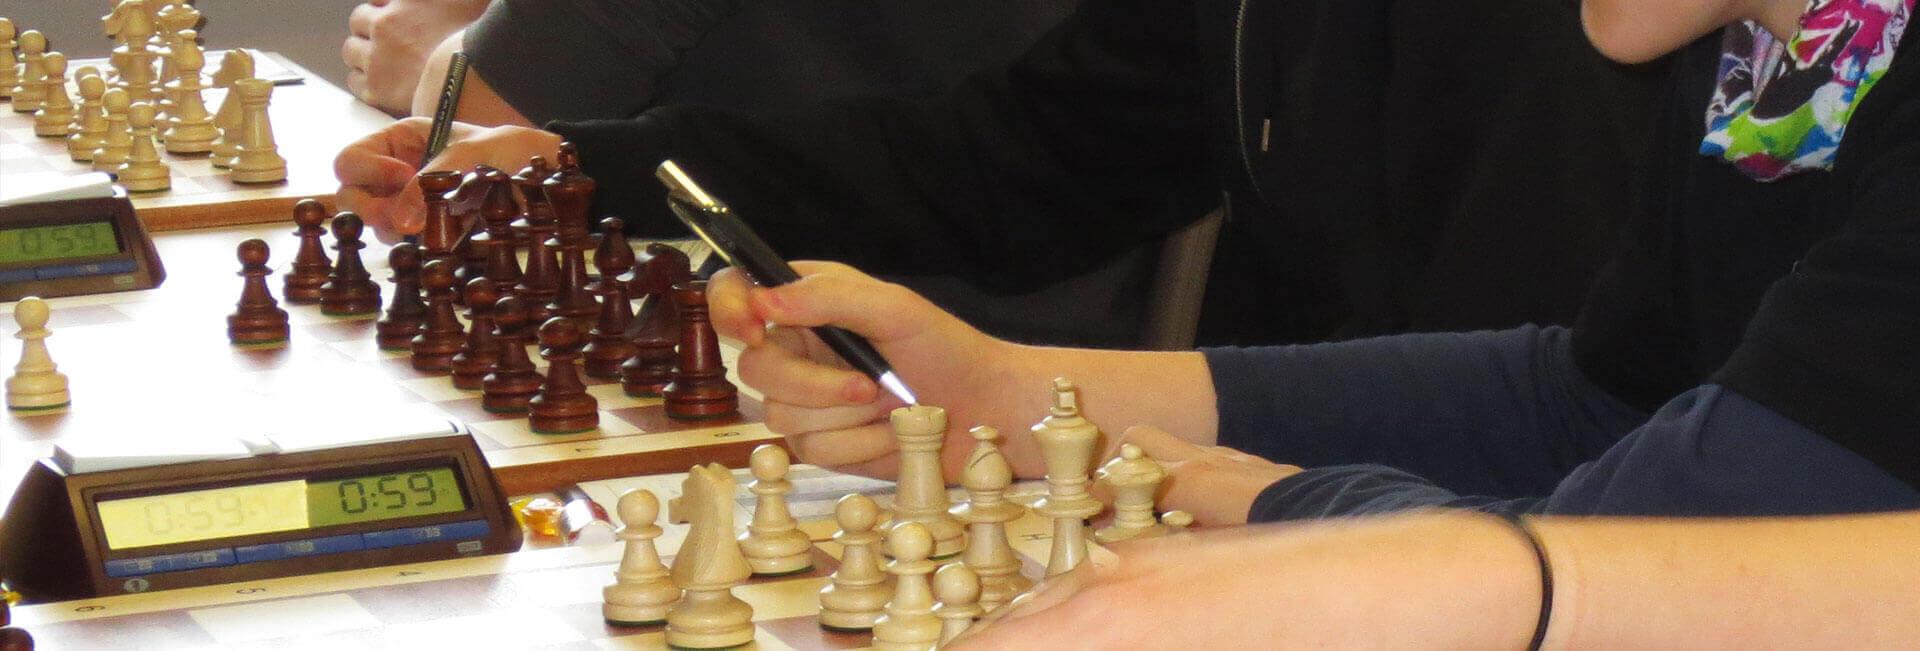 http://schach.arnoldi-gym.de/wp-content/uploads/2016/12/schach-detail-header-arnoldi.jpg